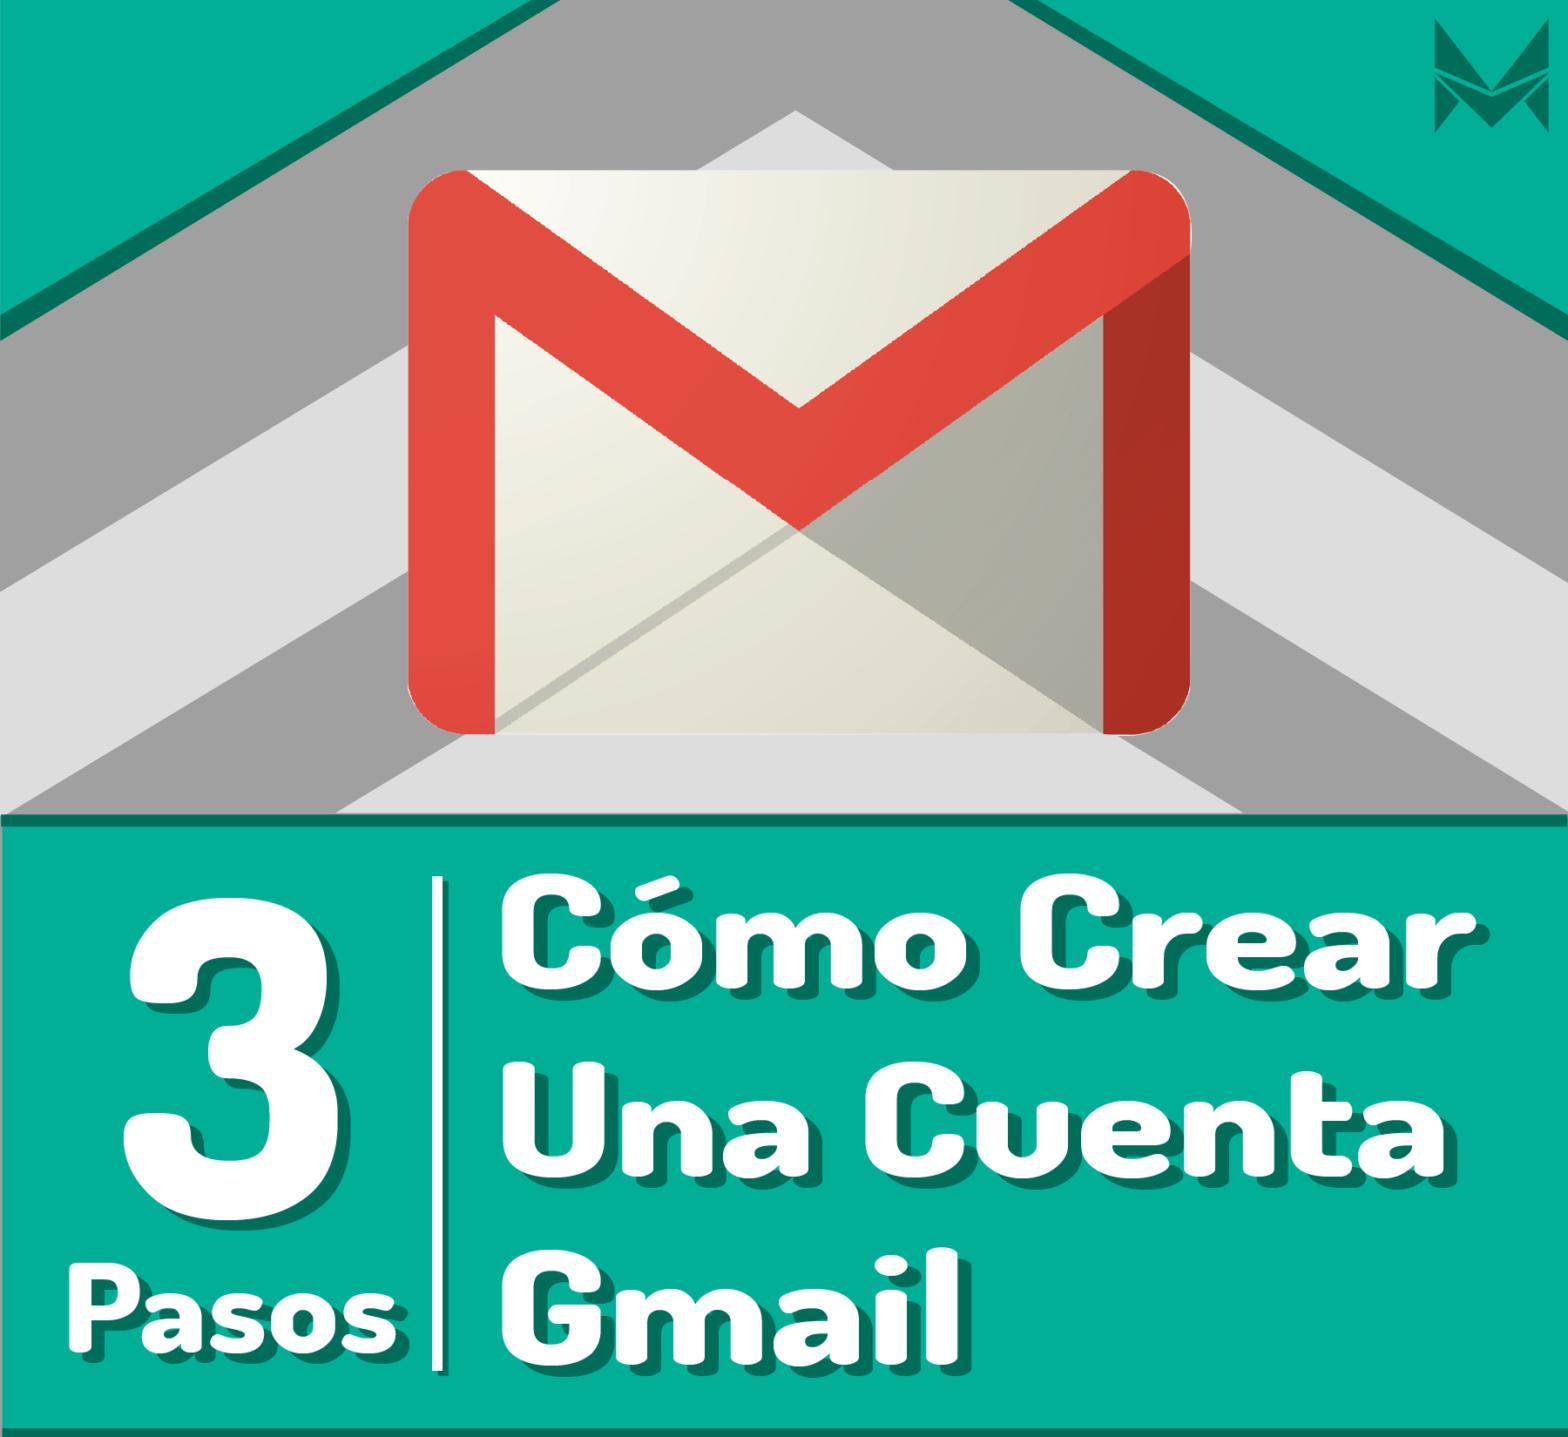 ¿Cómo crear una cuenta en Gmail en 3 pasos?